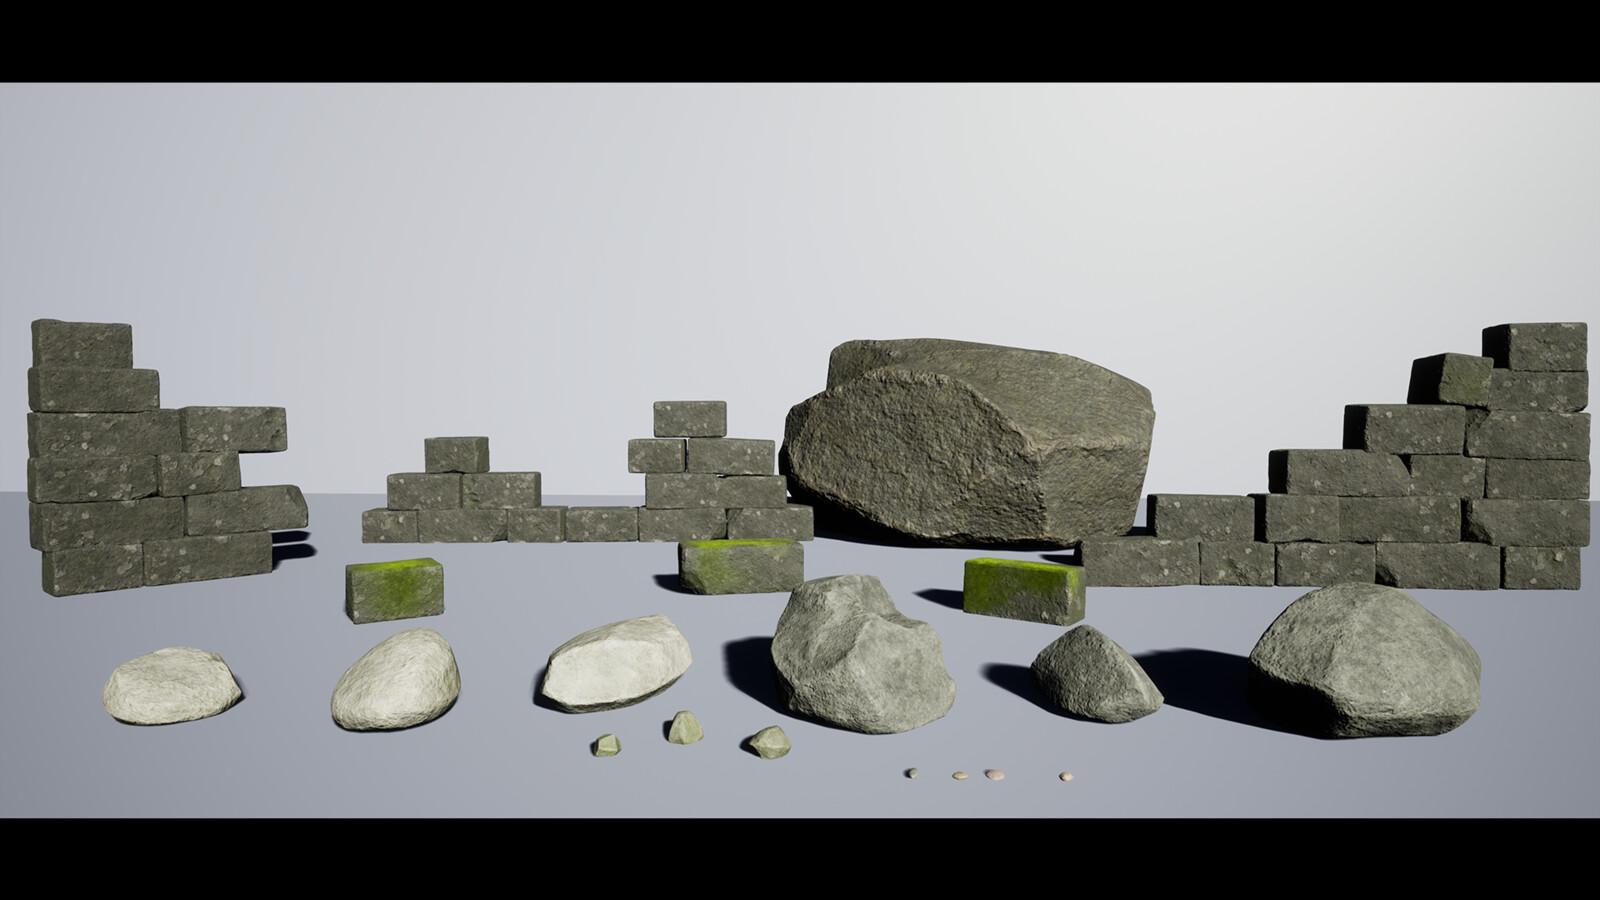 RocksAndRuins Breakdown